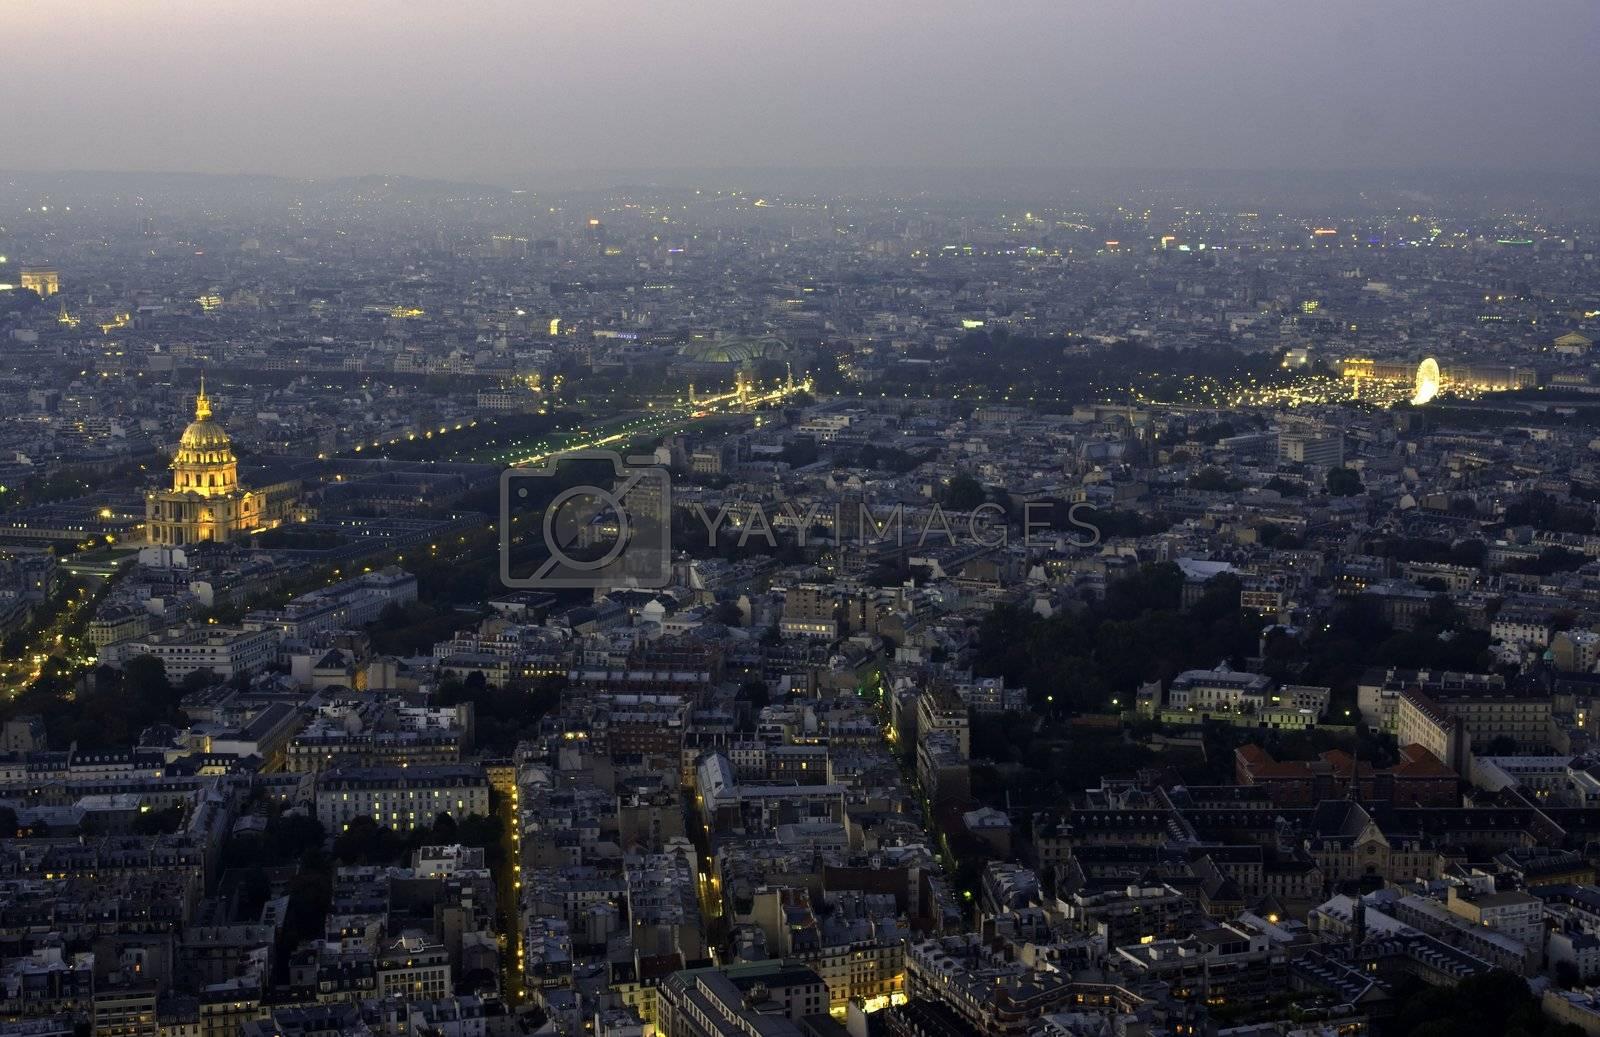 Night view at Paris from tour de Montparnasse building